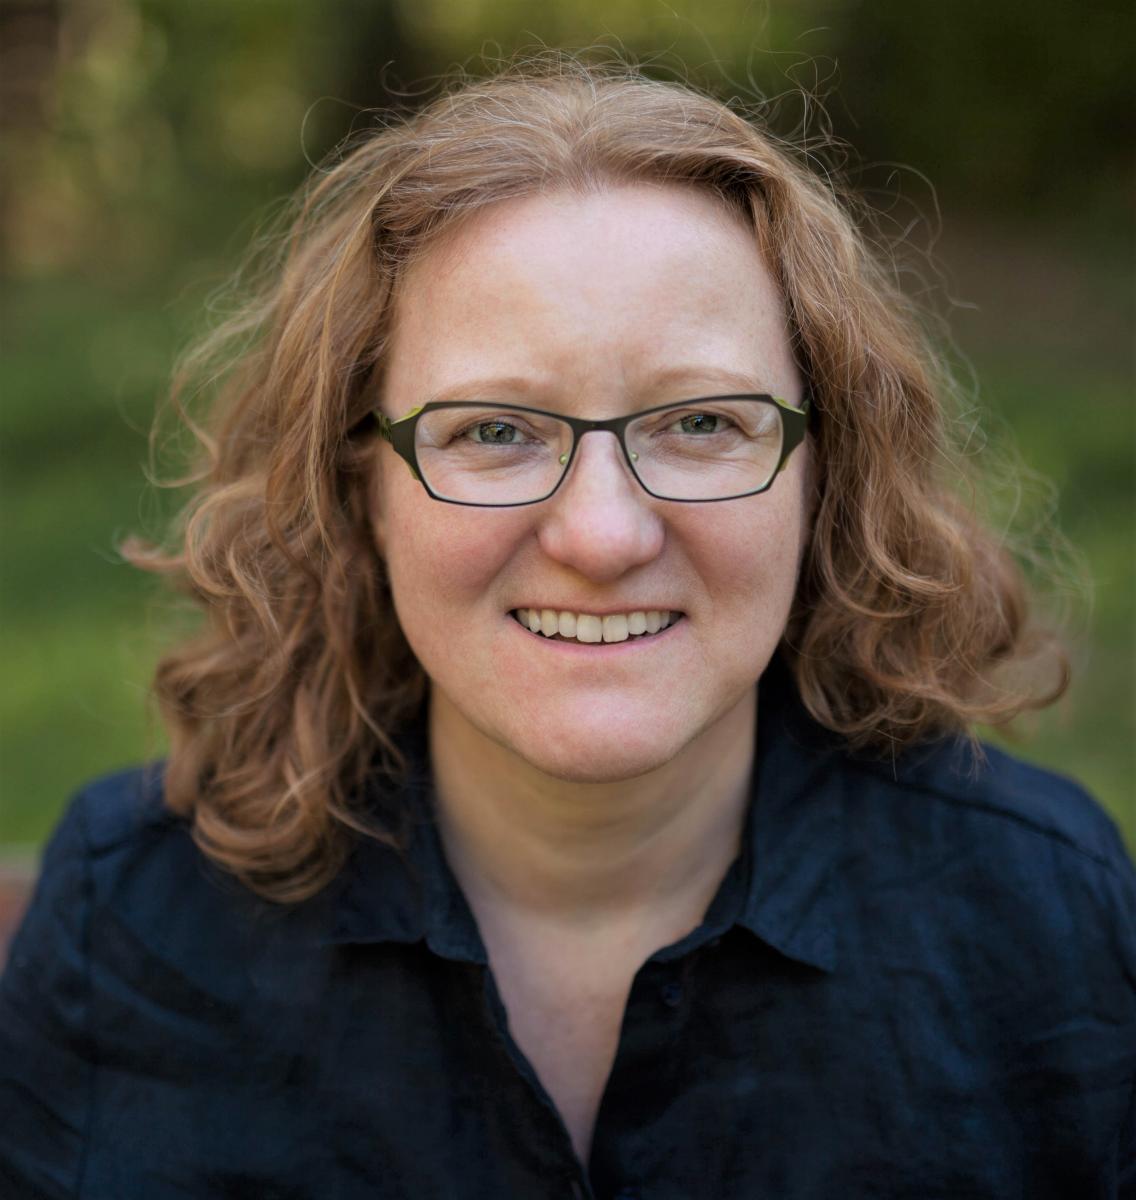 Annette Littmeier, Presse- und Öffentlichkeitsarbeit